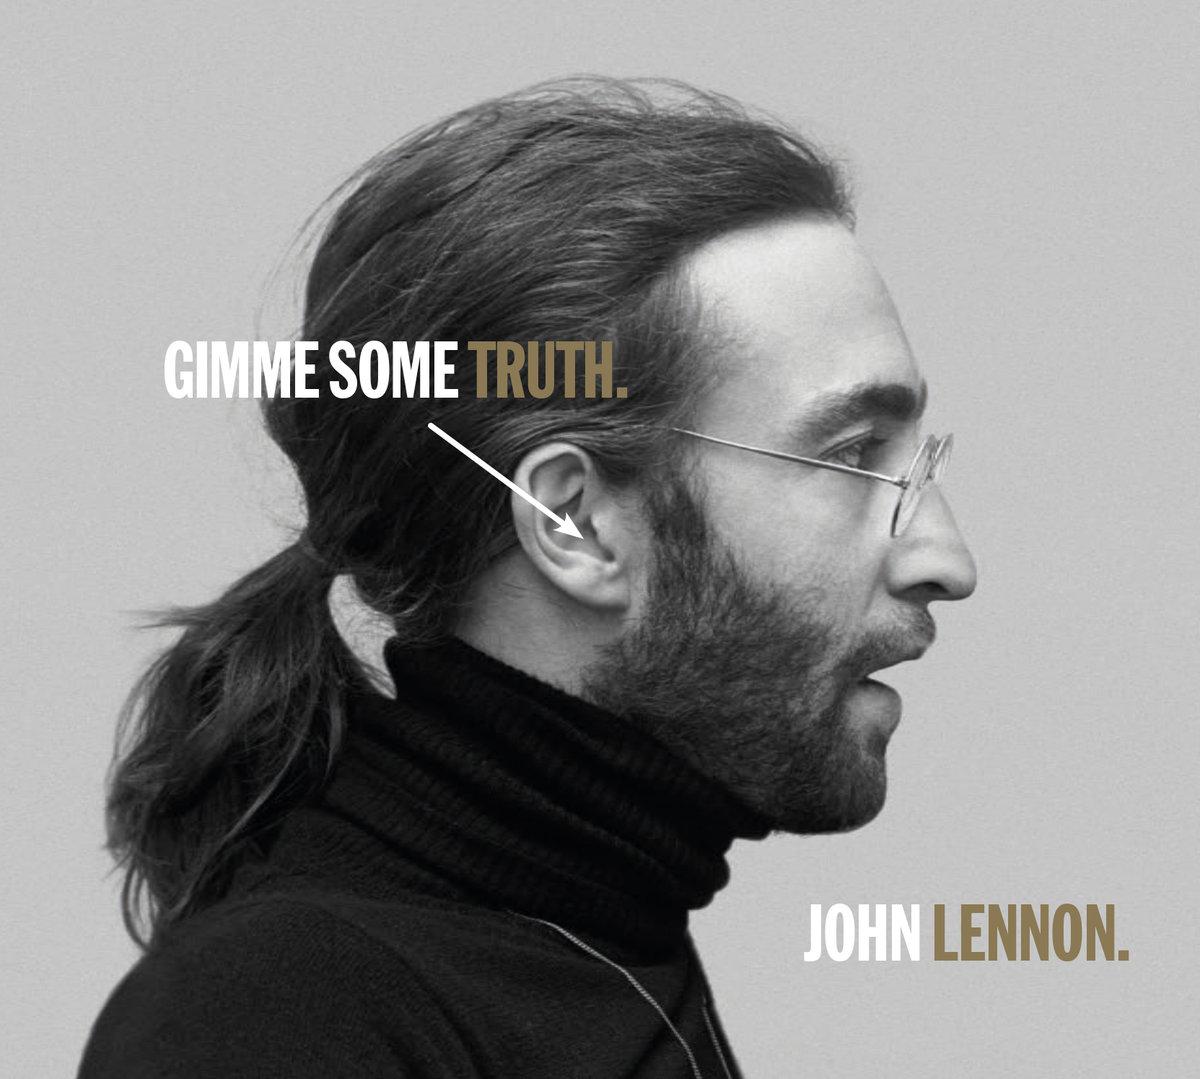 LENNON JOHN – Gimme Some Truth